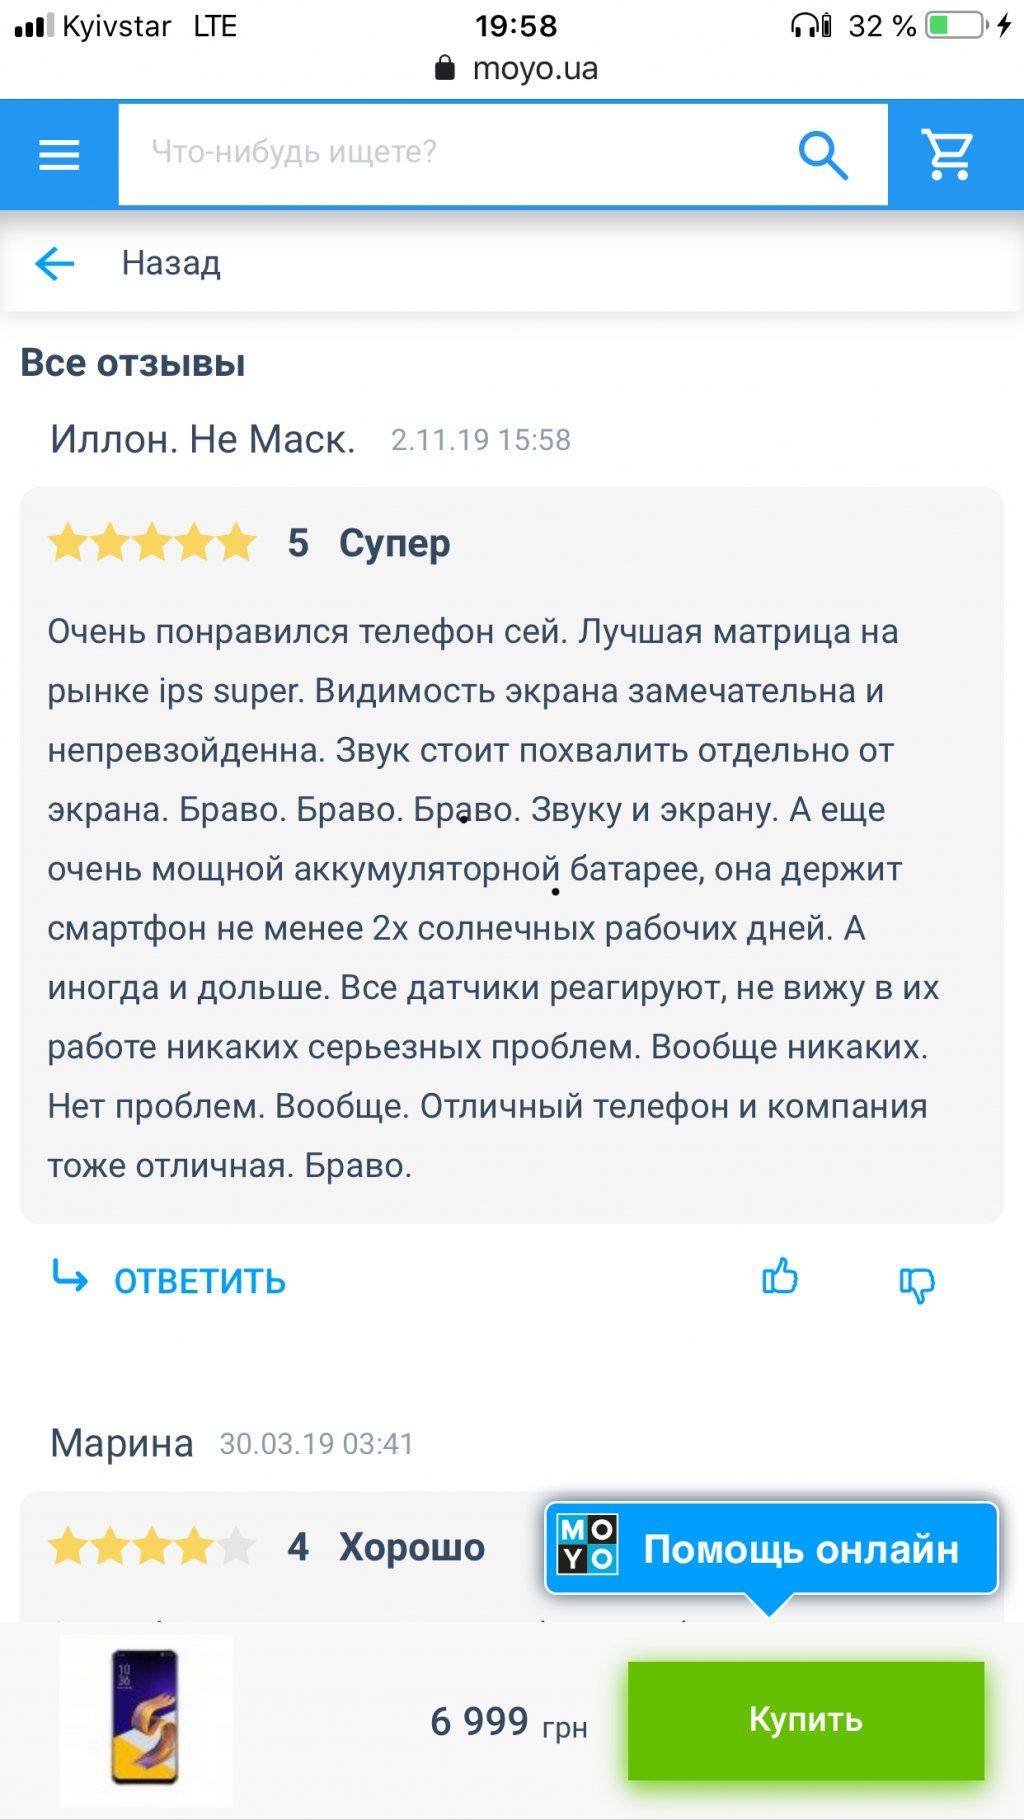 Сеть магазинов MOYO - Отзывы от дебилов на сайте Мойо